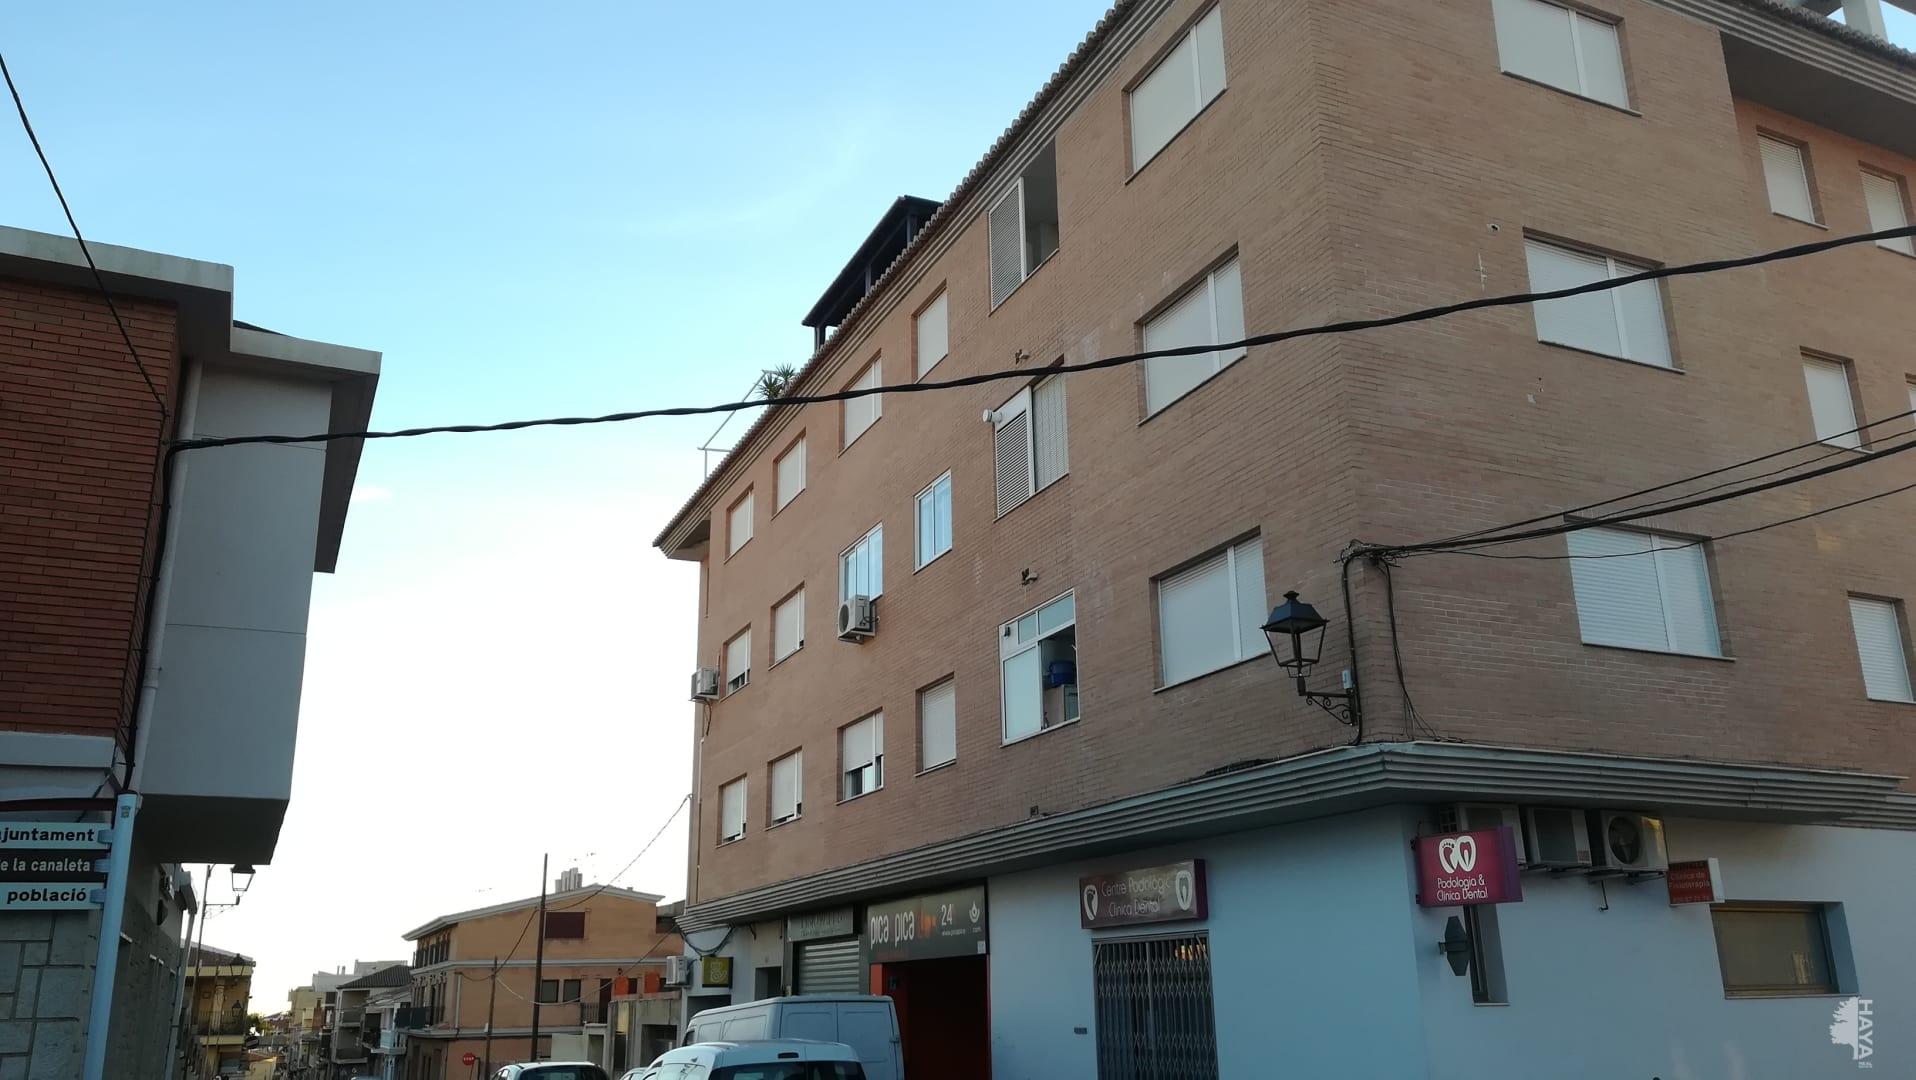 Piso en venta en Faura, Valencia, Calle Miguel de Cervantes, 57.000 €, 3 habitaciones, 2 baños, 114 m2